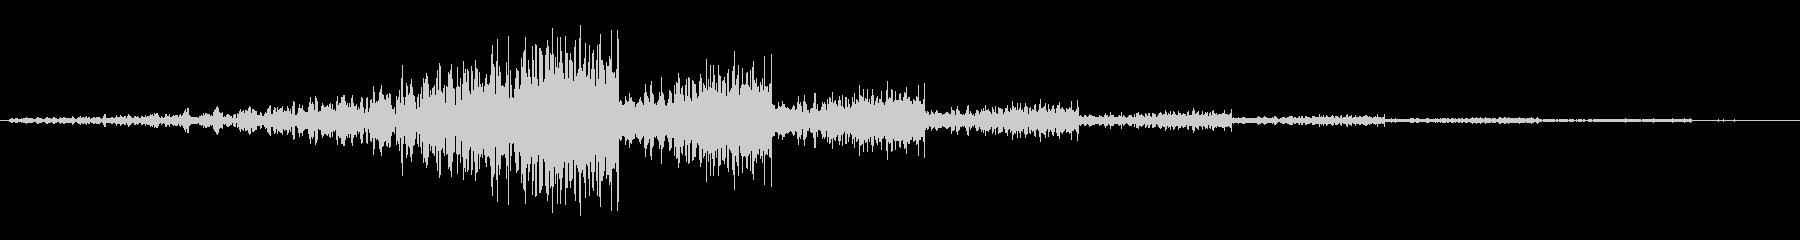 シューウワンワンワン…【余韻あり移動音】の未再生の波形